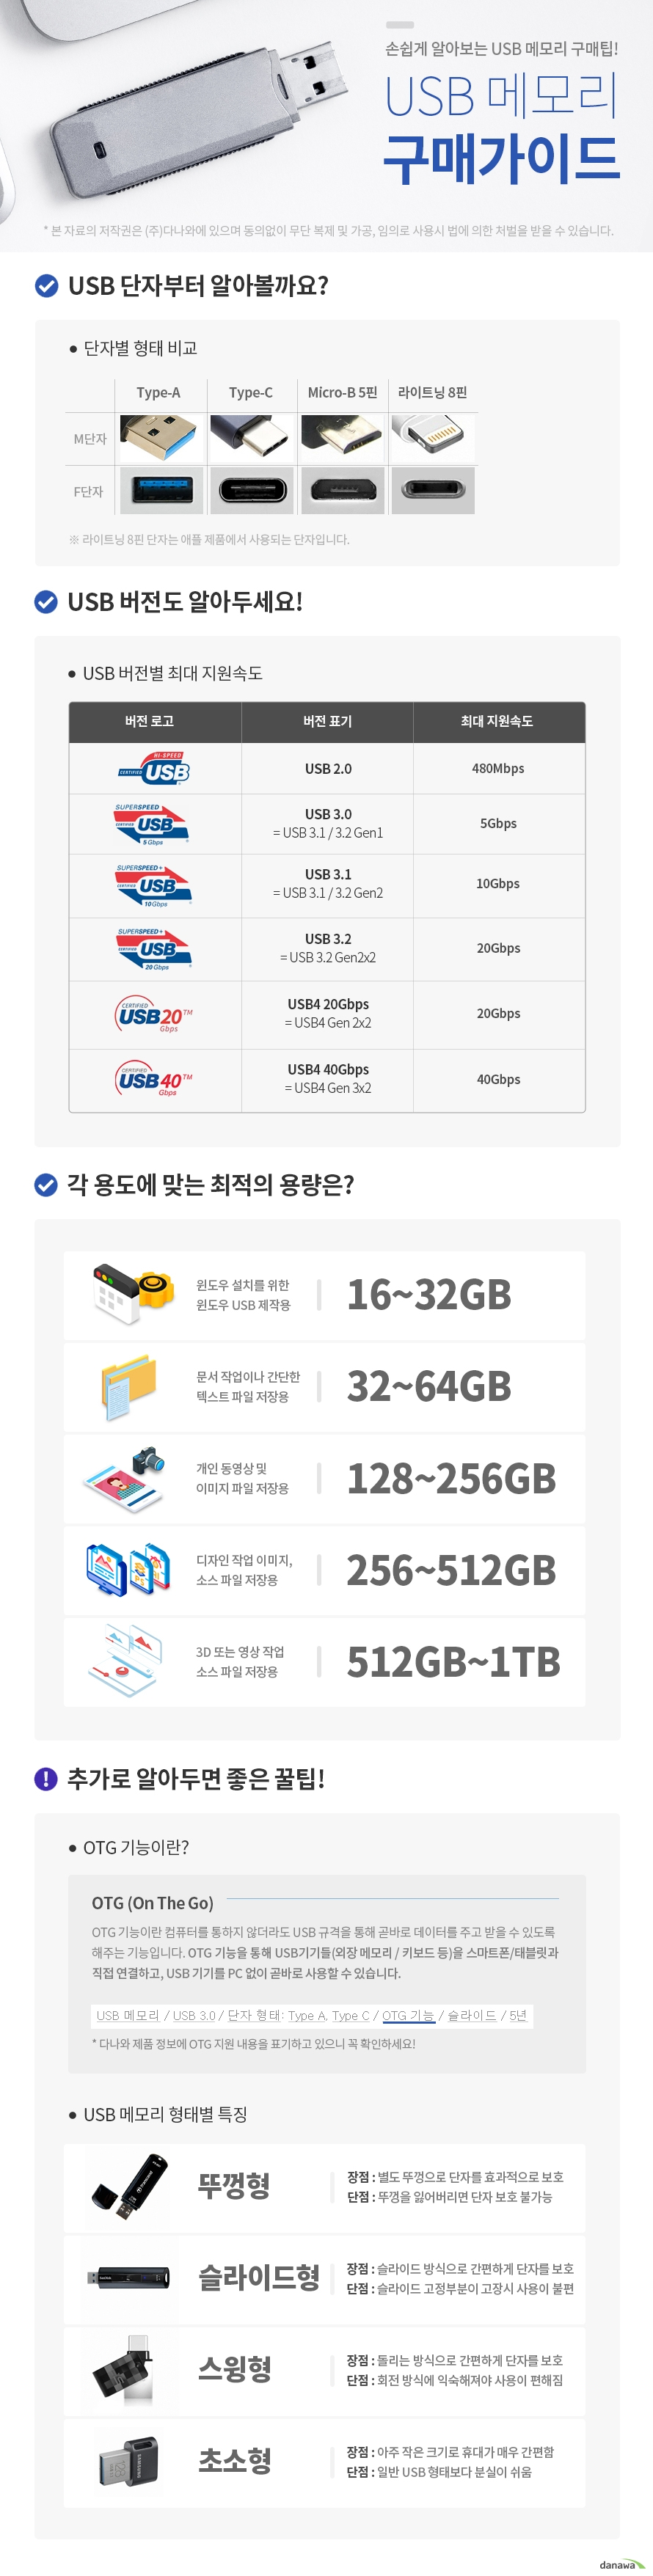 메모렛 스윙 USB UL700 (16GB)